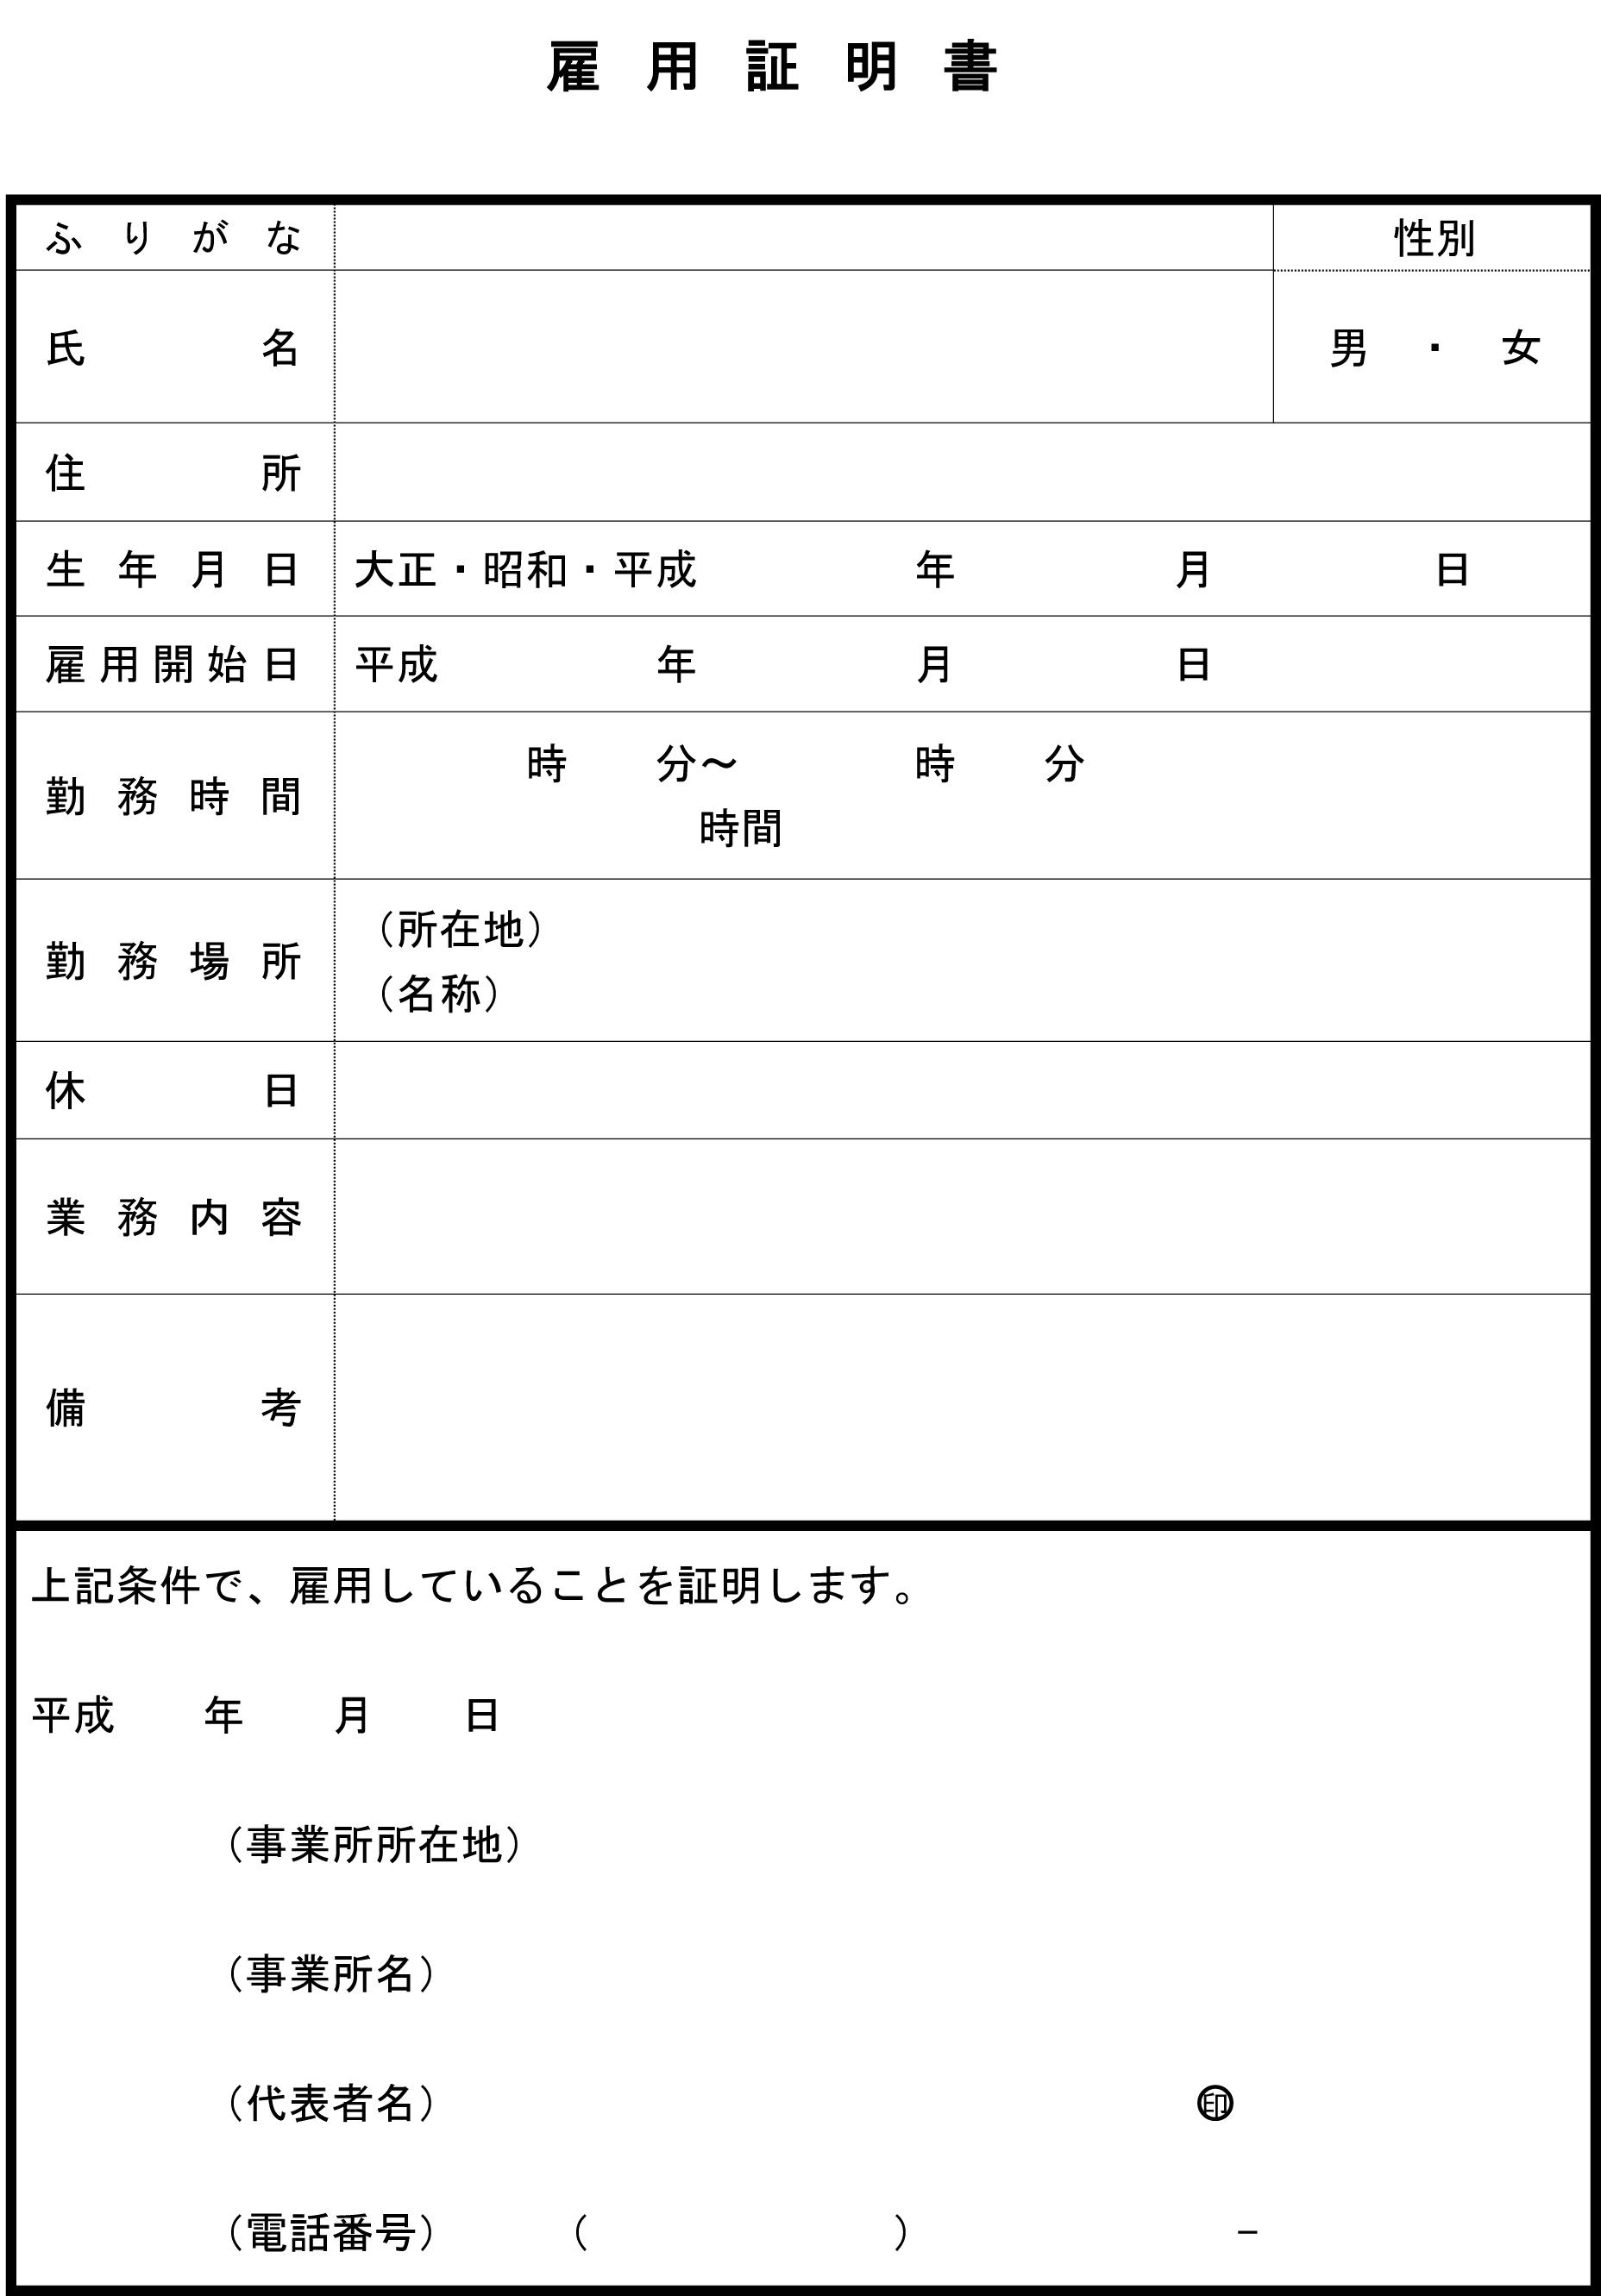 雇用証明書(枠あり・記載例あり)